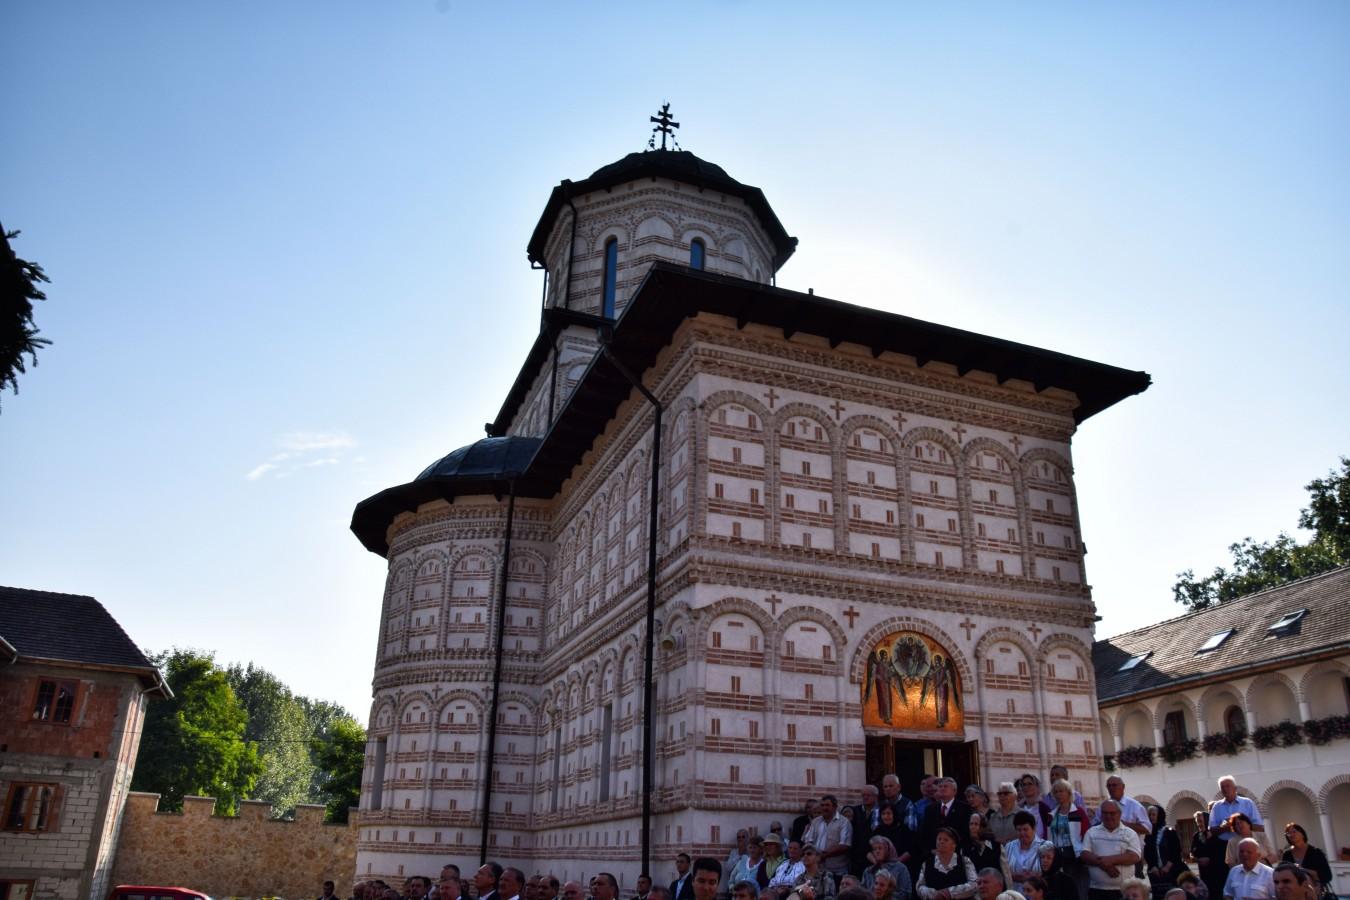 REPORTAJ: Mănăstirea Mihai Vodă de la Turda, locul în care istoria se împletește cu rugăciunea